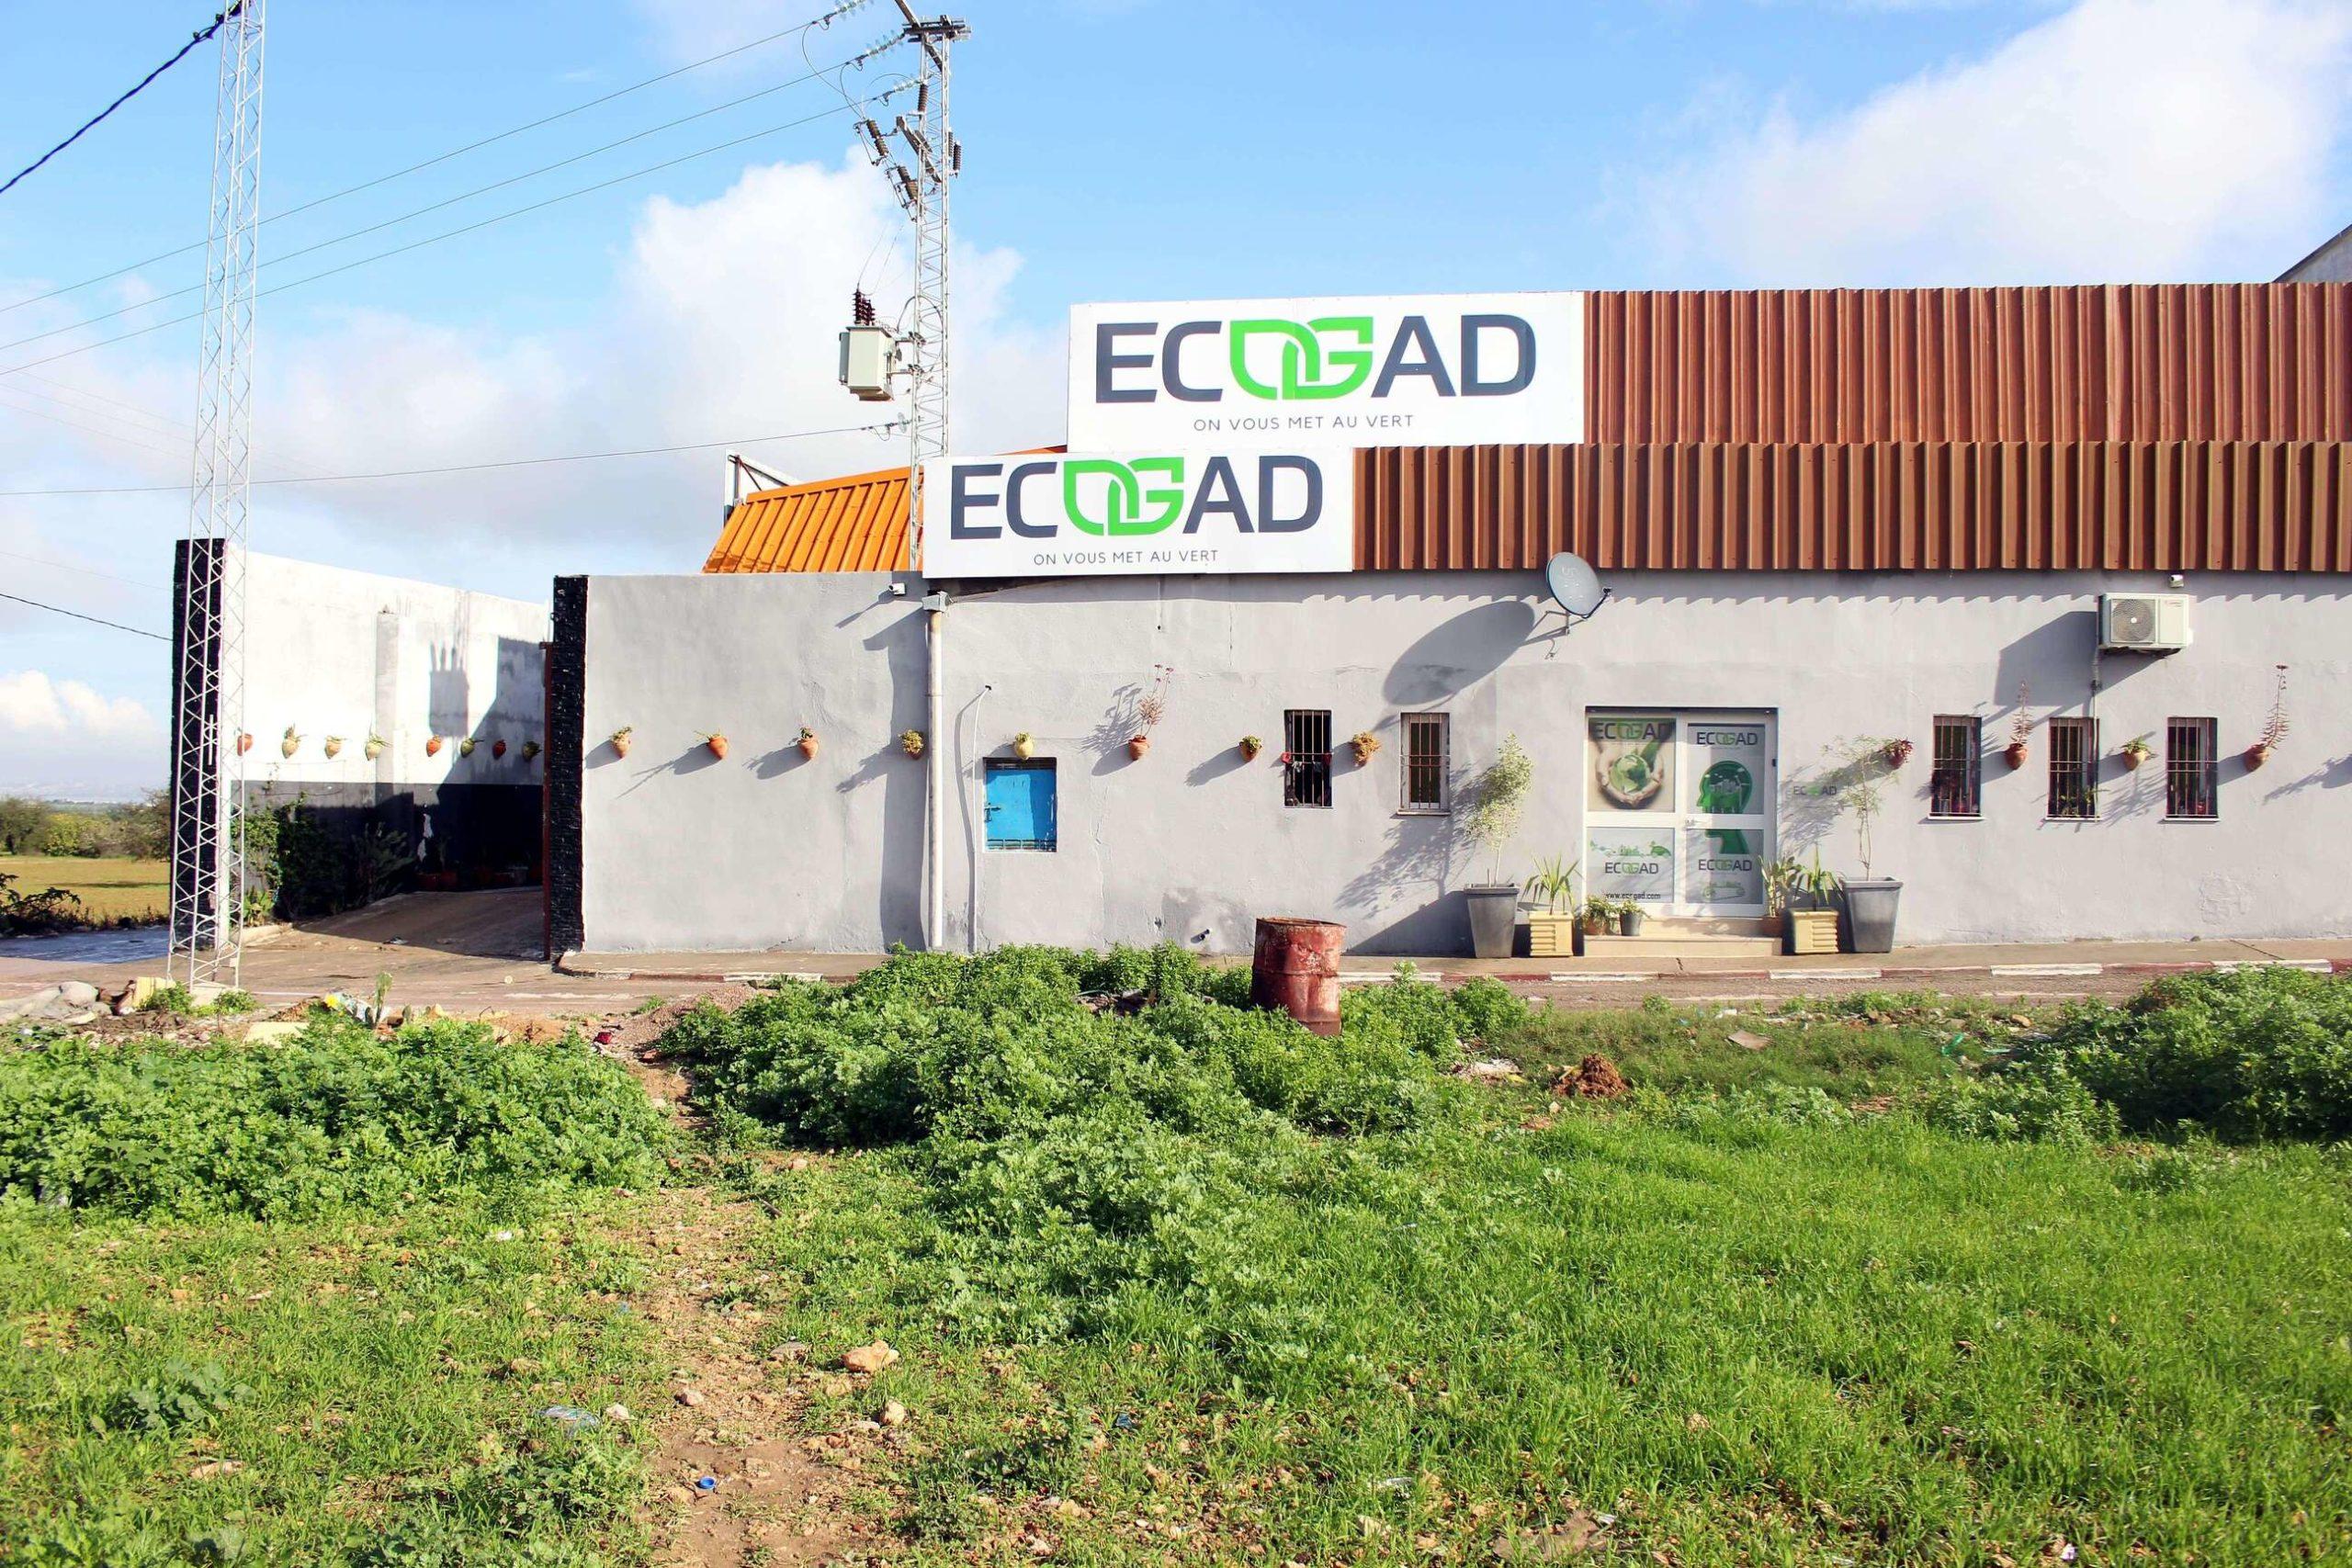 ecogad-centre-de-collecte-04